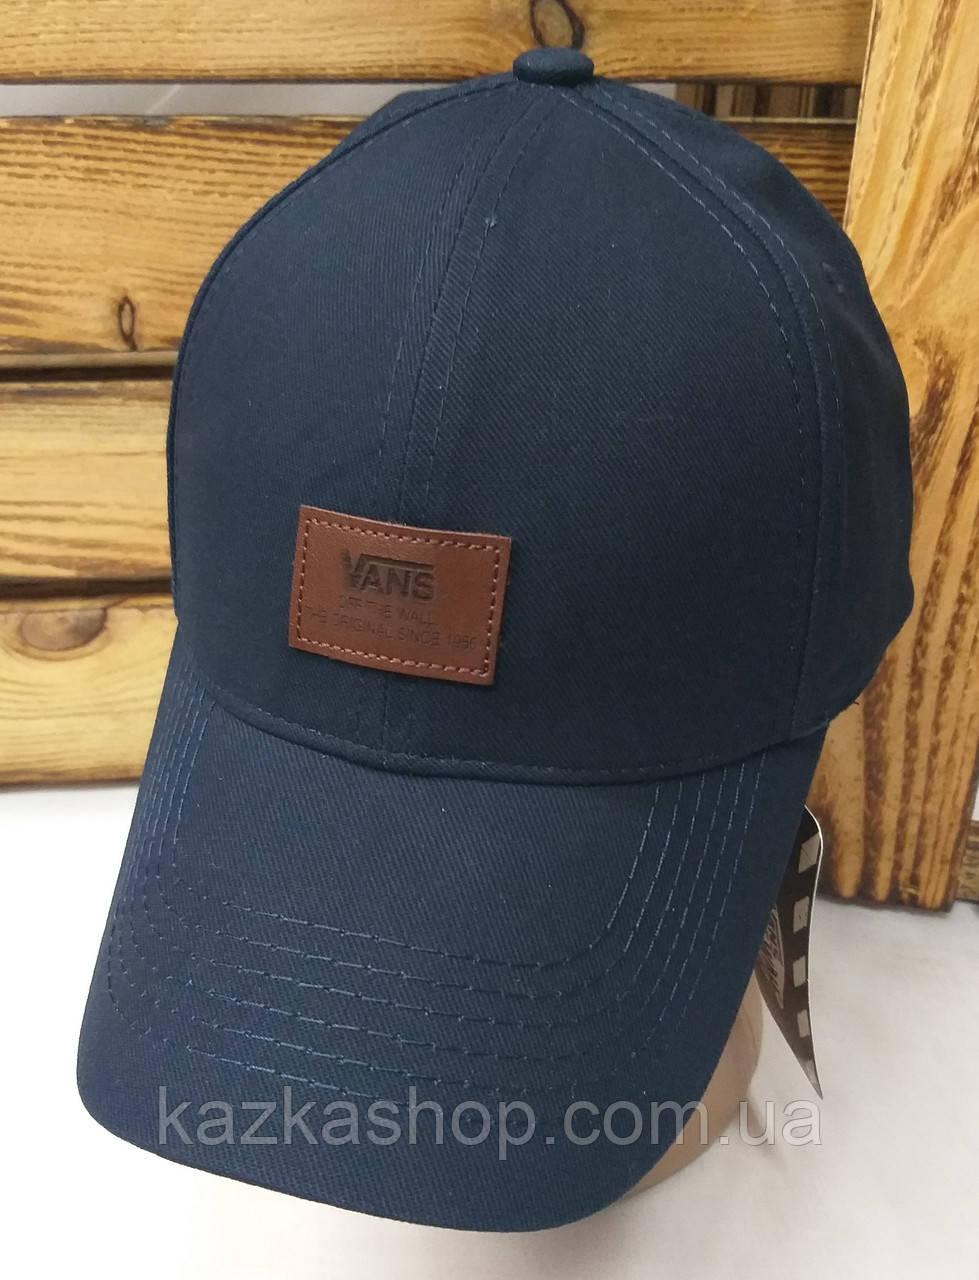 Стильная мужская котоновая кепка, бейсболка, нашивка логотипа Vans,  размер 58, на регуляторе